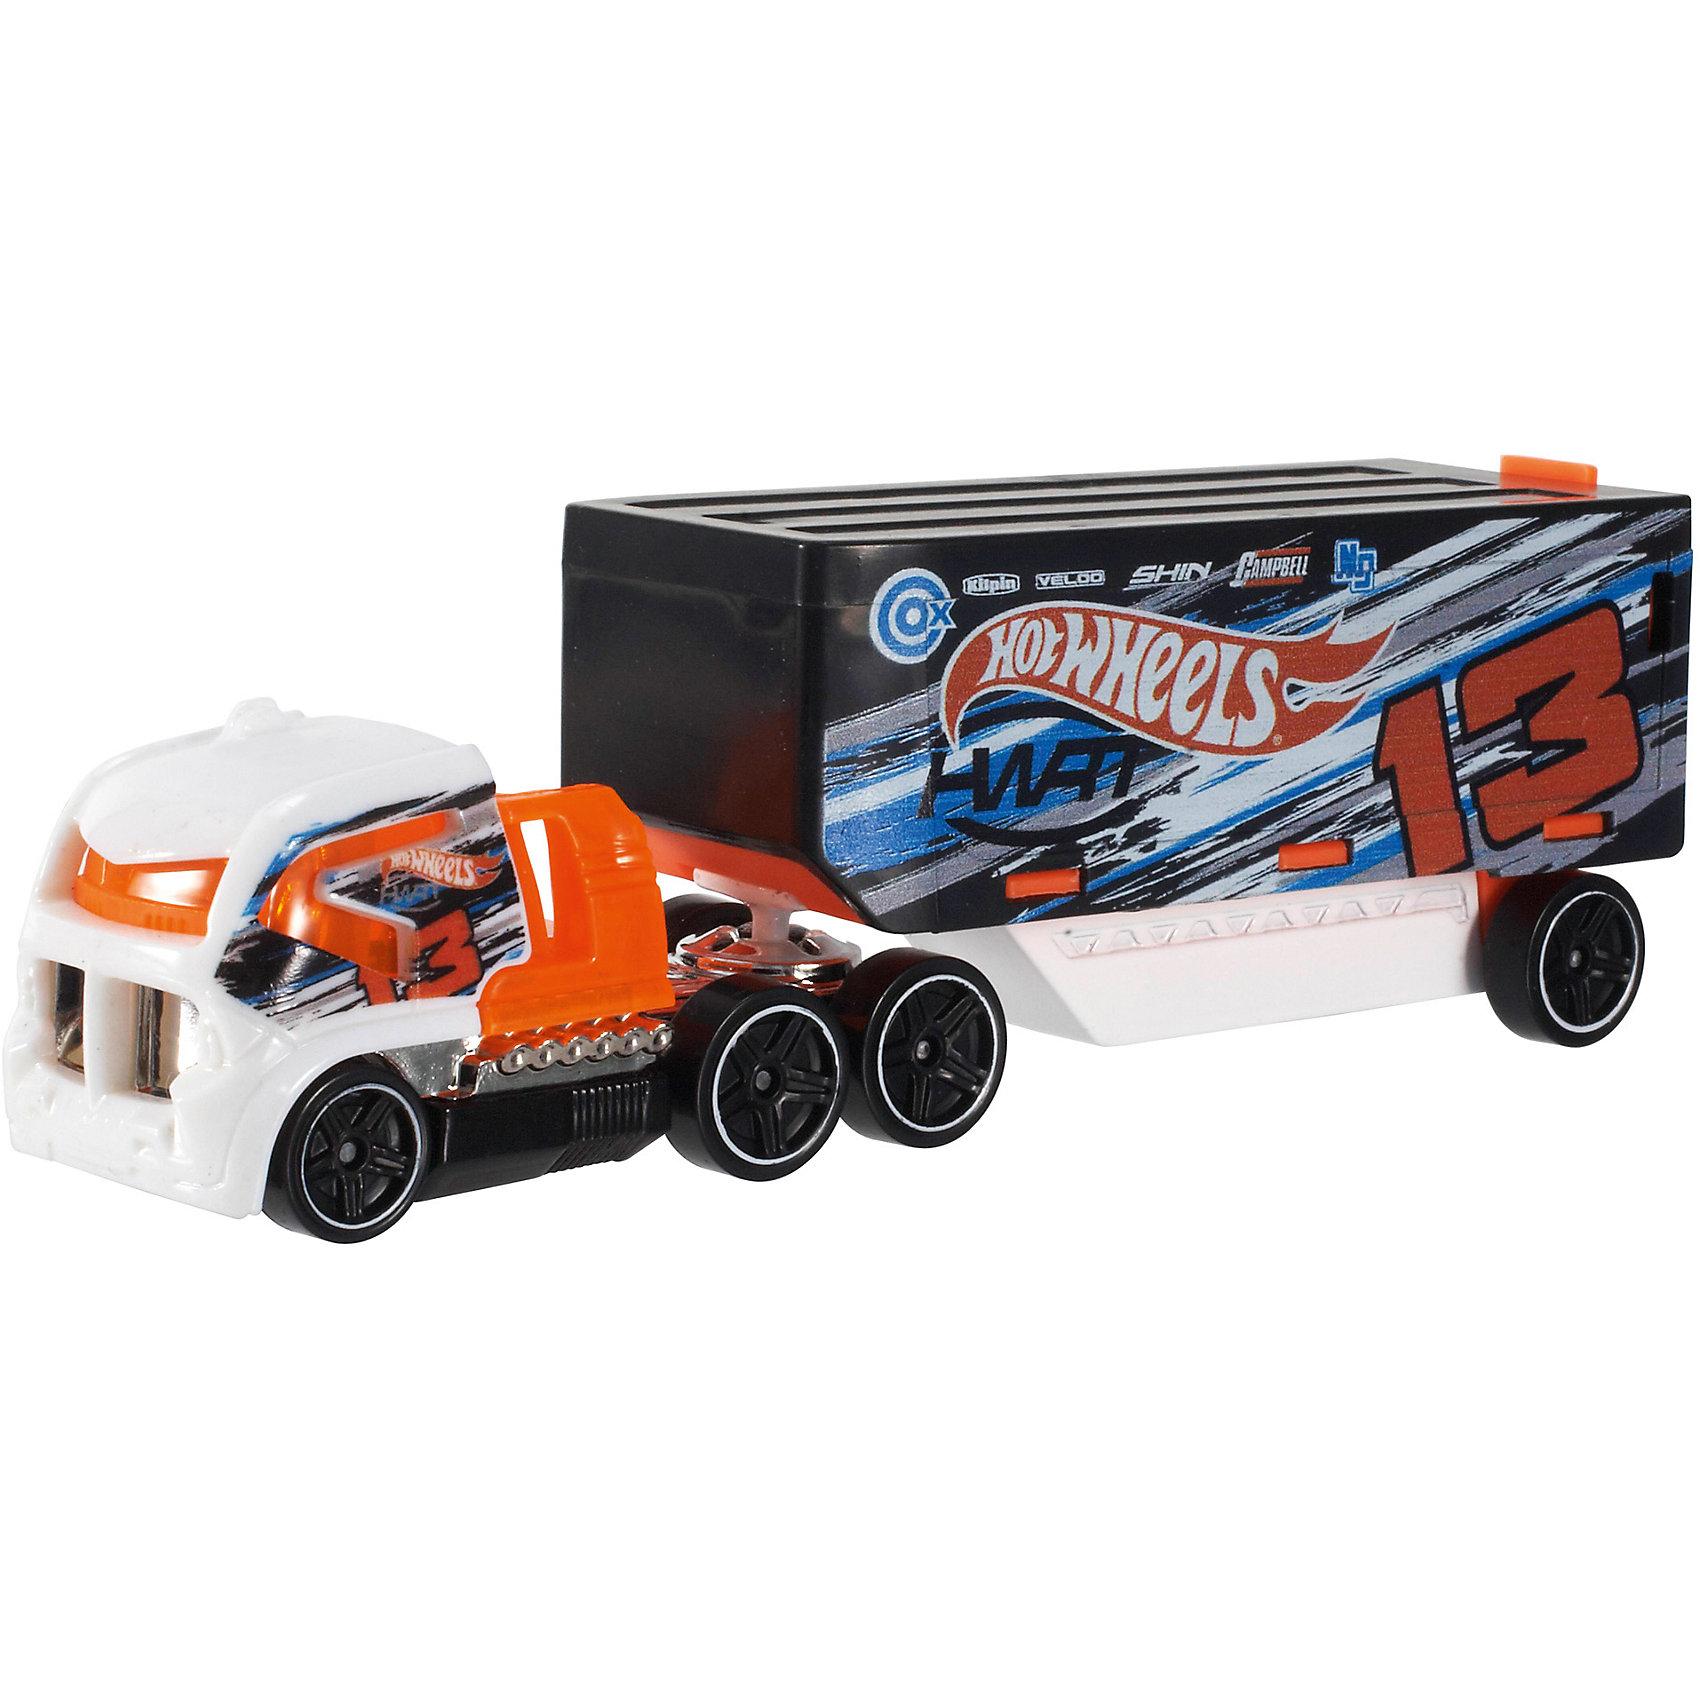 Трейлер базовой коллекции, Hot Wheels«Трейлер» базовой комплектации, Hot Wheels (Хот Вилс) – потрясающе реалистичный грузовик-трейлер, который придется по душе любому мальчишке.  Трейлер выполнен из металла, а значит сможет выдержать любые испытания, которые приготовит для него Ваш ребенок. В трейлерах-грузовиках Hot Wheels (Хот Вилс) есть возможность менять прицепы, что позволяет каждый раз создавать новые комбинации.  <br><br>Дополнительная информация: <br><br>- Материал: пластик <br>- Длина: около 28 см  <br><br>«Трейлер» базовой комплектации, Hot Wheels (Хот Вилс) – прекрасный подарок для Вашего ребенка. Ему непременно захочется собрать всю коллекцию и каждый раз создавать новый вид трейлеров.  <br><br>«Трейлер» базовой комплектации, Hot Wheels (Хот Вилс) можно купить в нашем магазине.<br><br>Ширина мм: 40<br>Глубина мм: 130<br>Высота мм: 110<br>Вес г: 126<br>Возраст от месяцев: 48<br>Возраст до месяцев: 96<br>Пол: Мужской<br>Возраст: Детский<br>SKU: 4918791